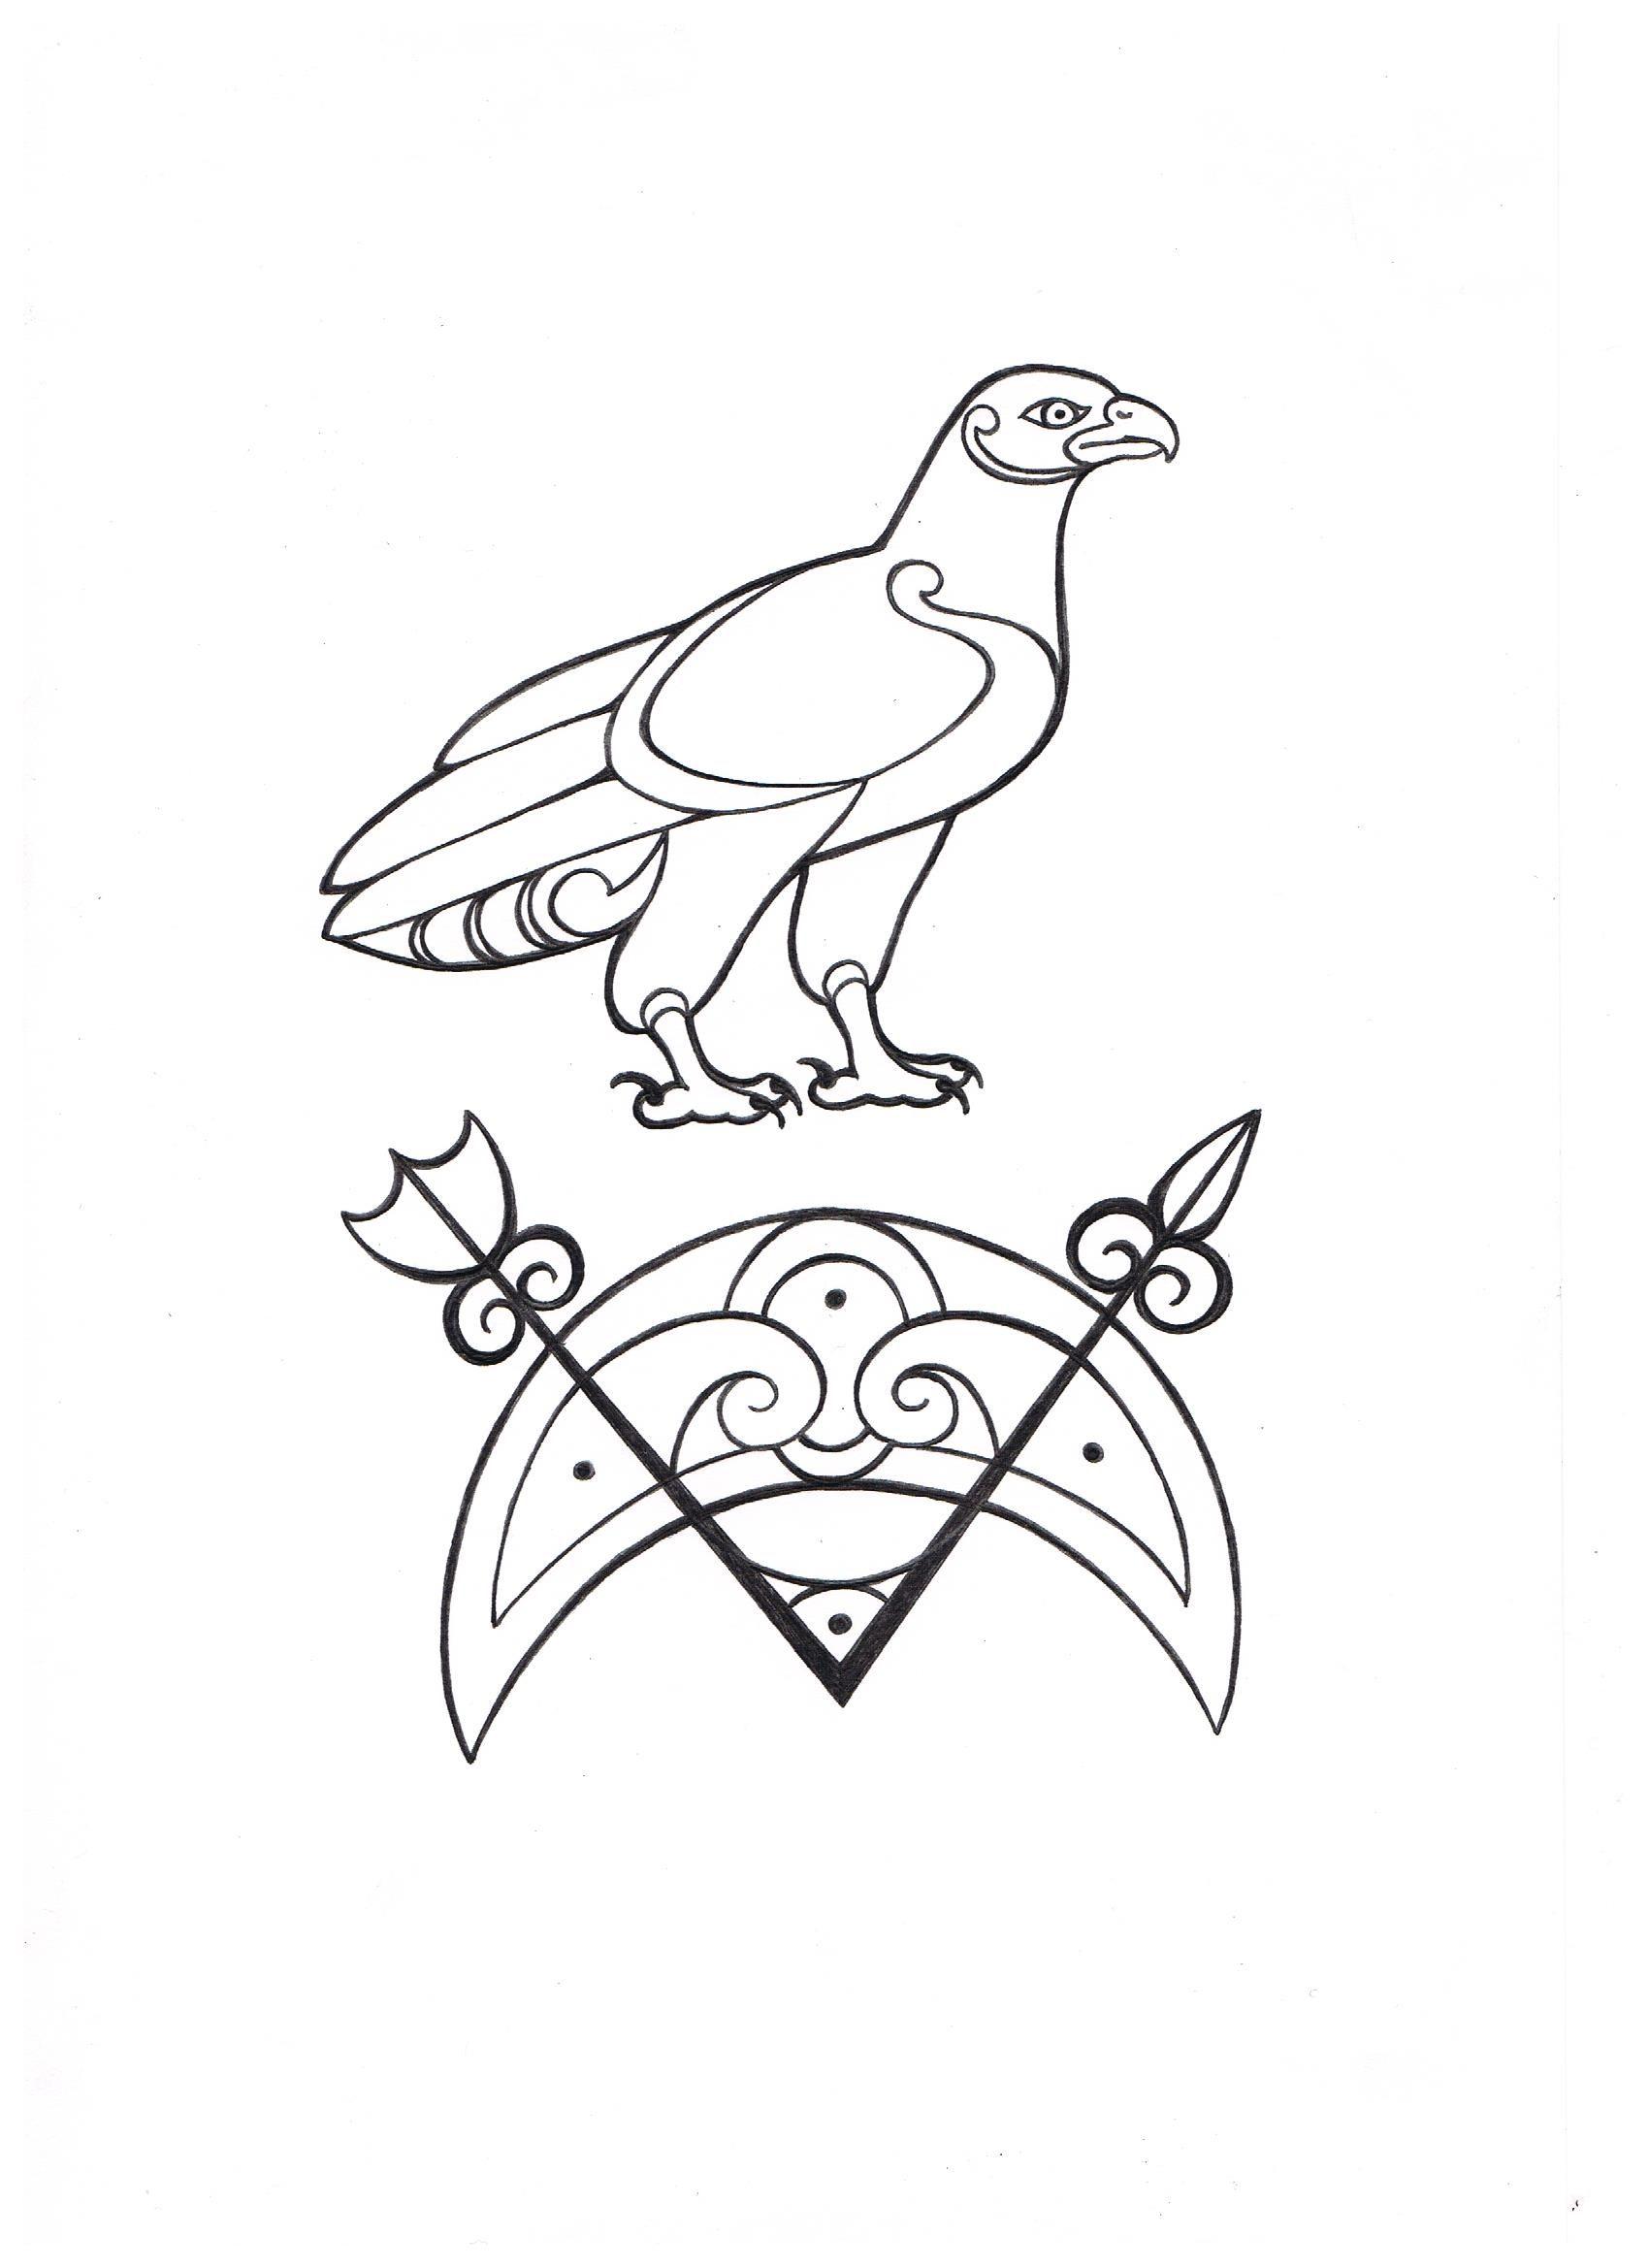 Pictish symbol stone found in Aberdeenshire Scotland